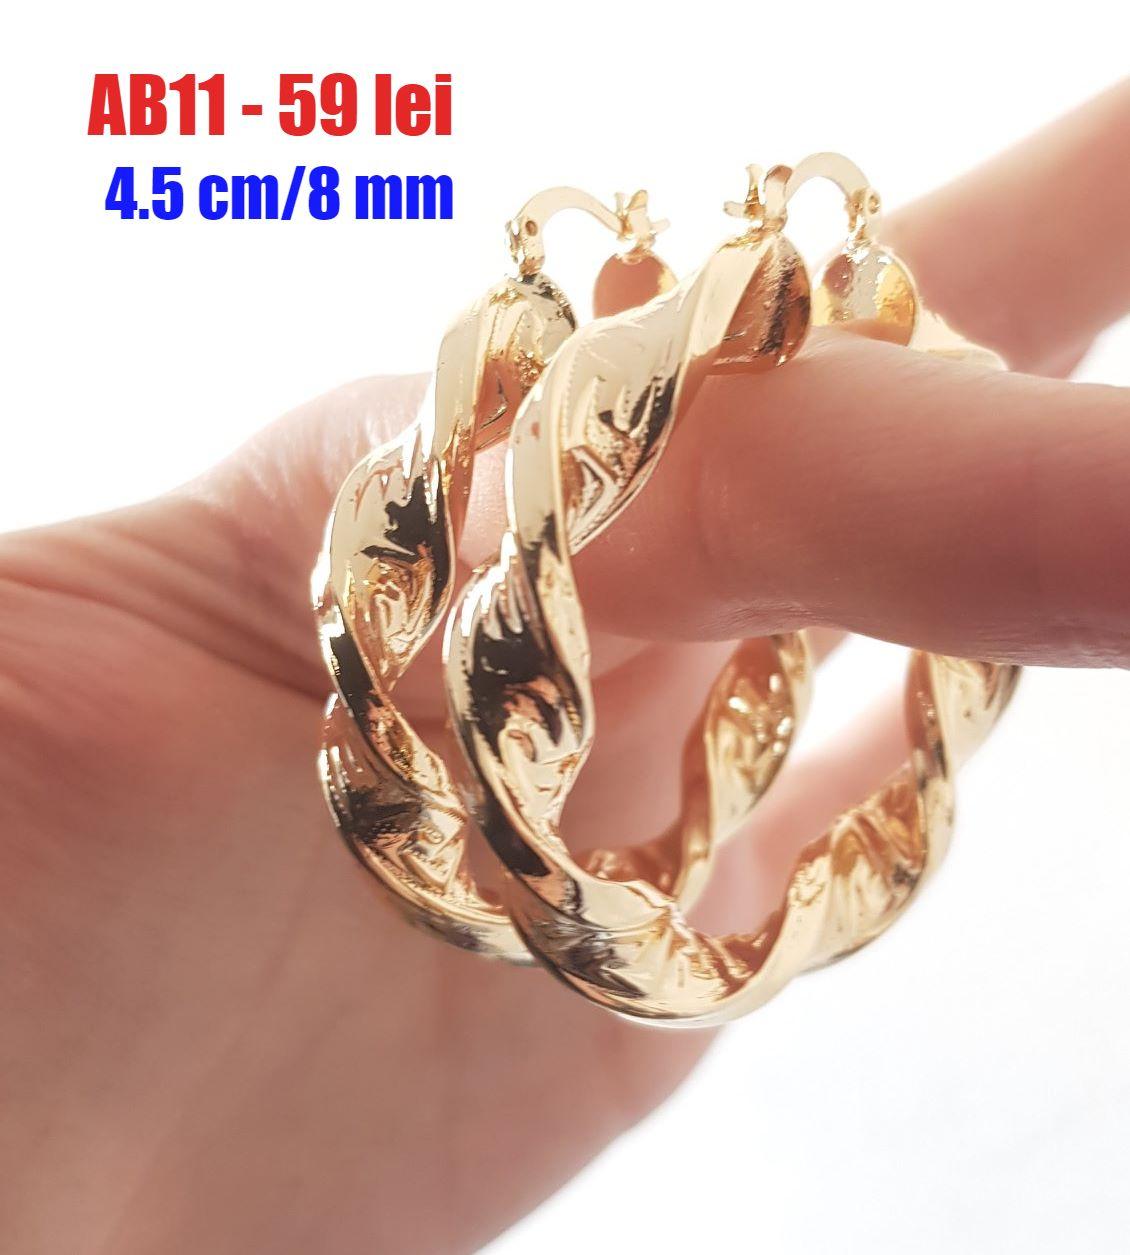 Cercei auriti cu aur de 14K - 4.5 cm - AB11